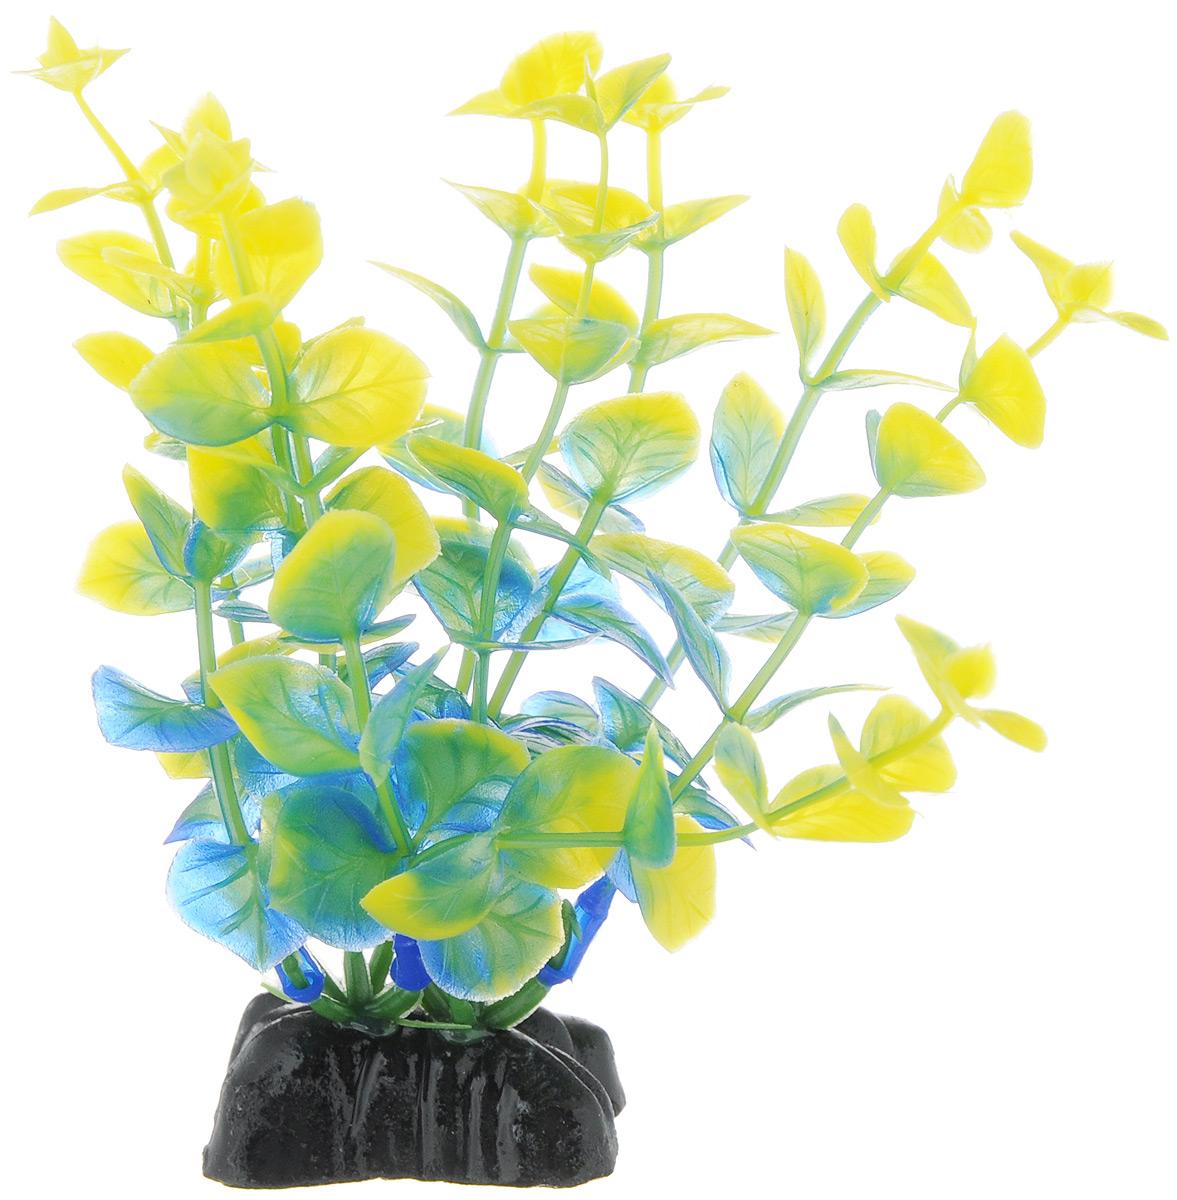 Растение для аквариума Barbus Бакопа, пластиковое, цвет: синий, зеленый, желтый, высота 10 см растение для аквариума barbus амбулия пластиковое высота 20 см